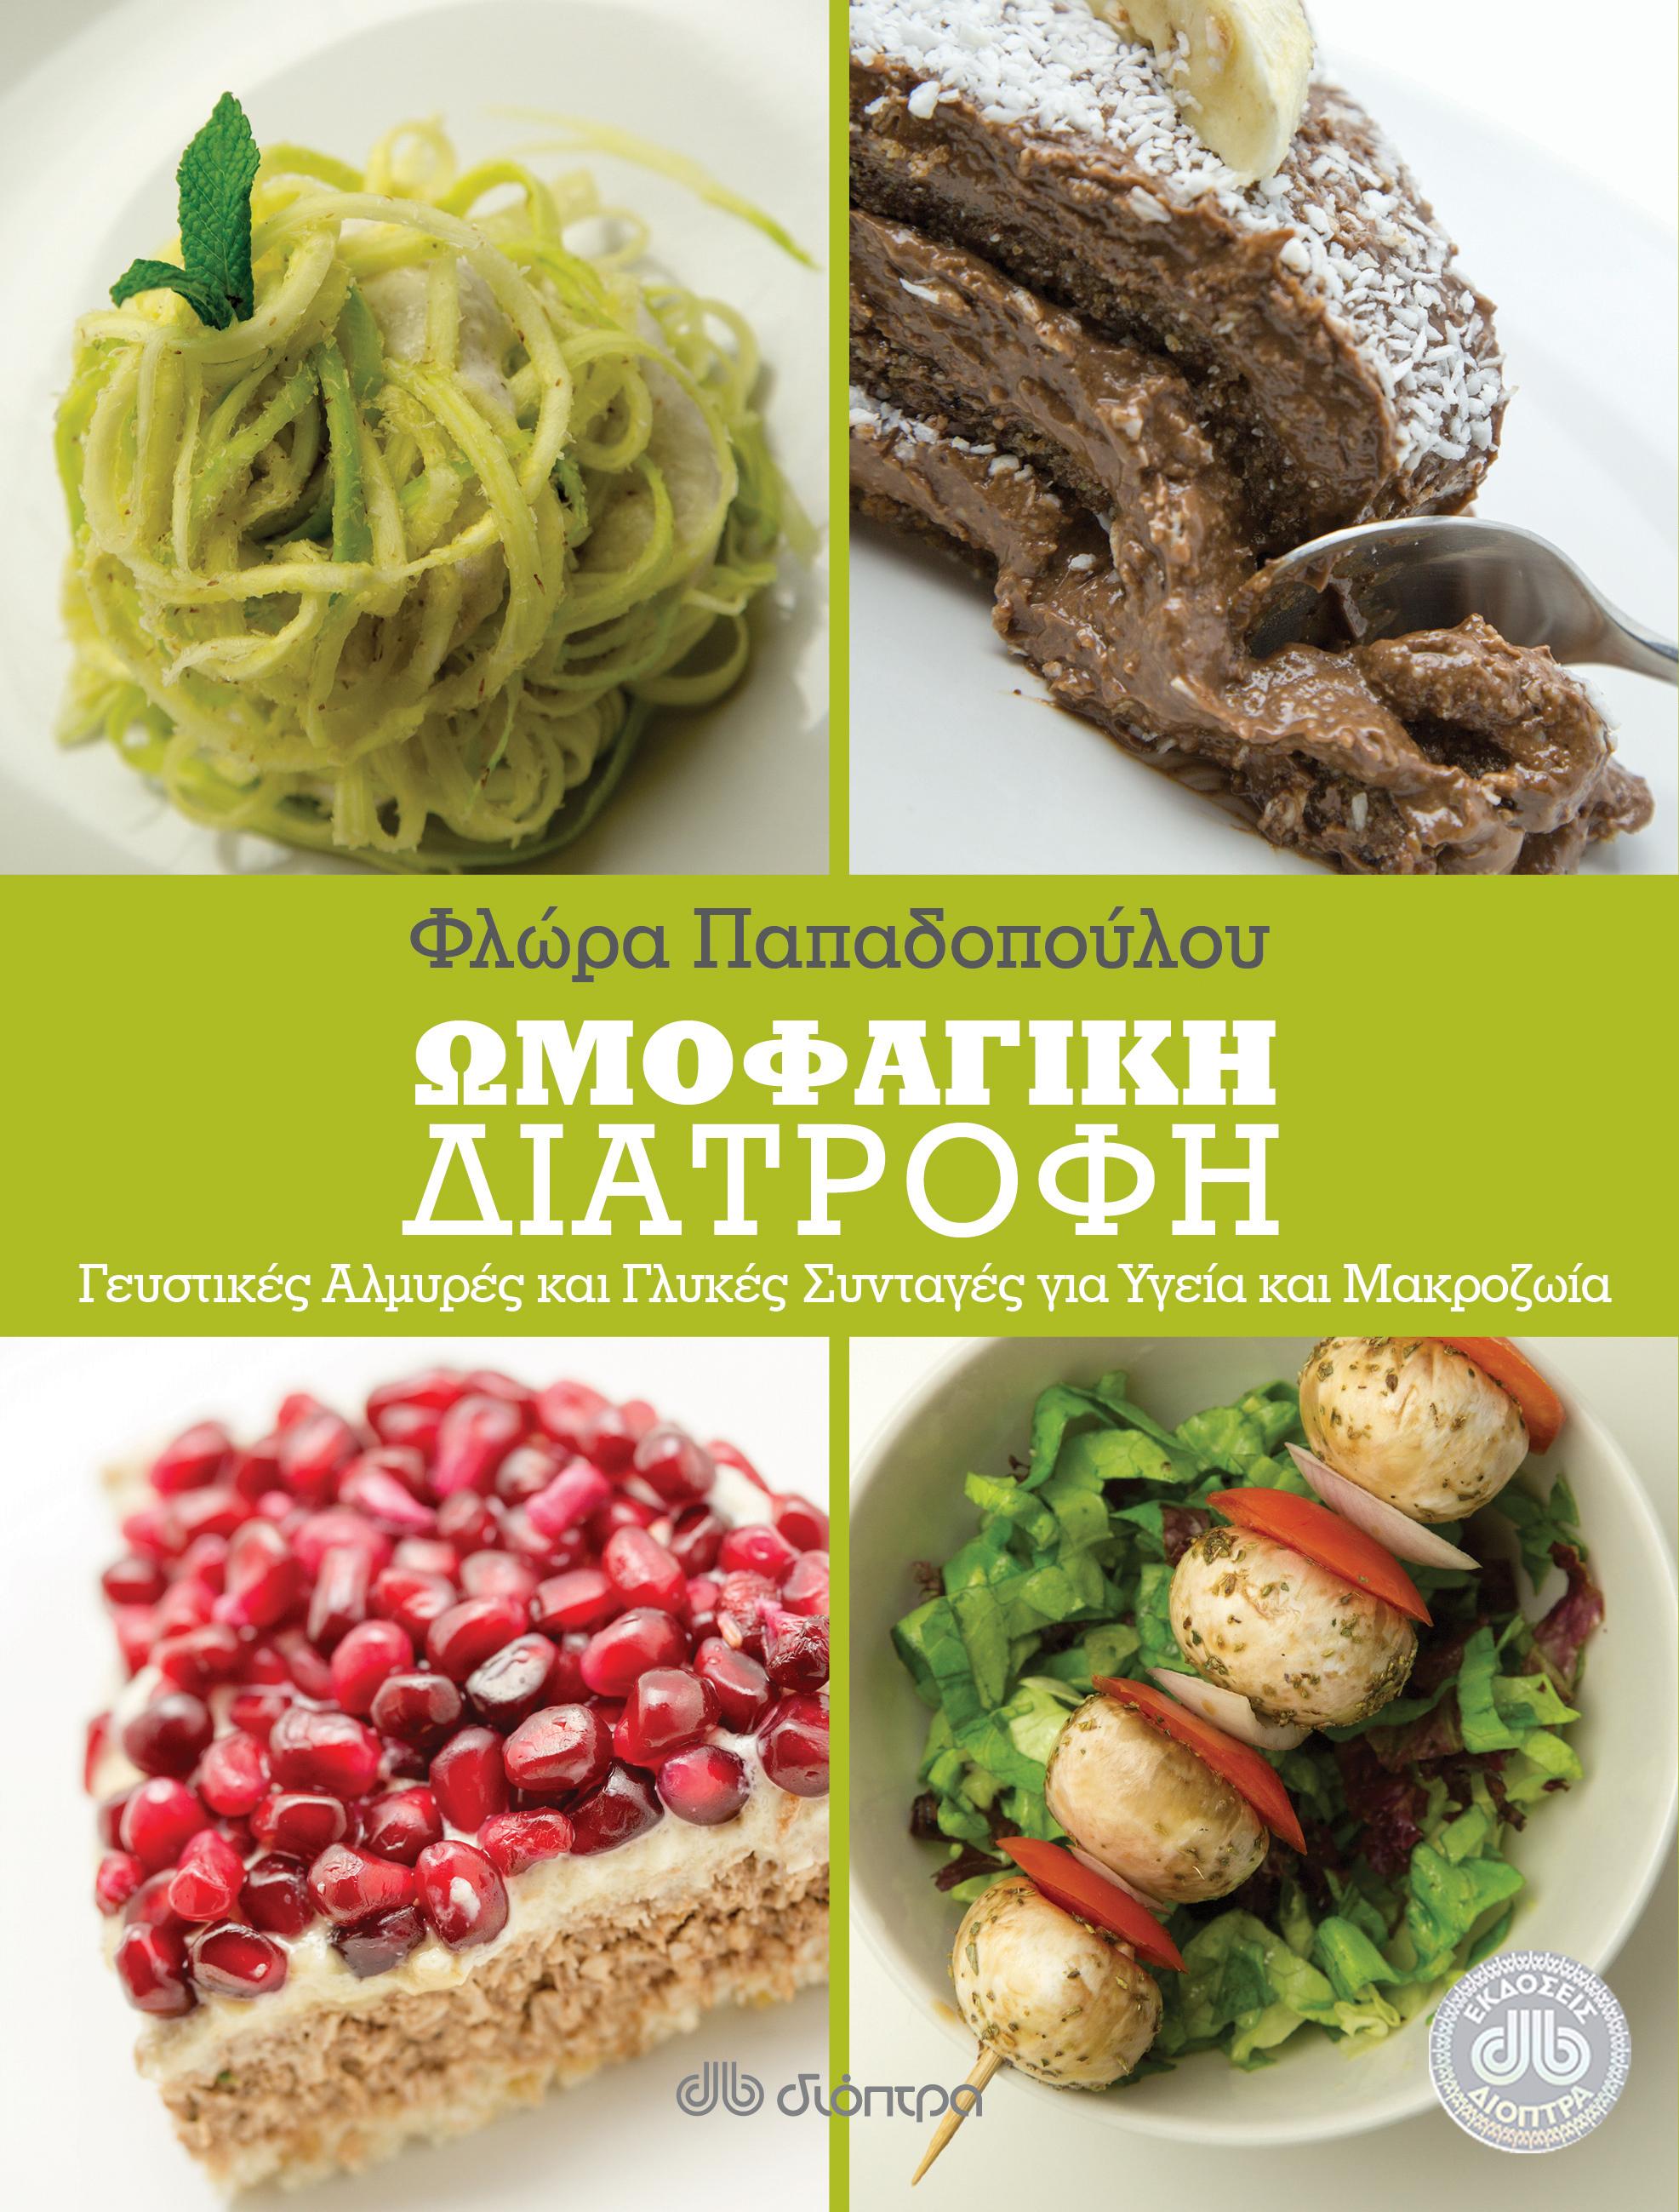 Ωμοφαγική Διατροφή: Αλμυρές και γλυκές συνταγές μαγειρική